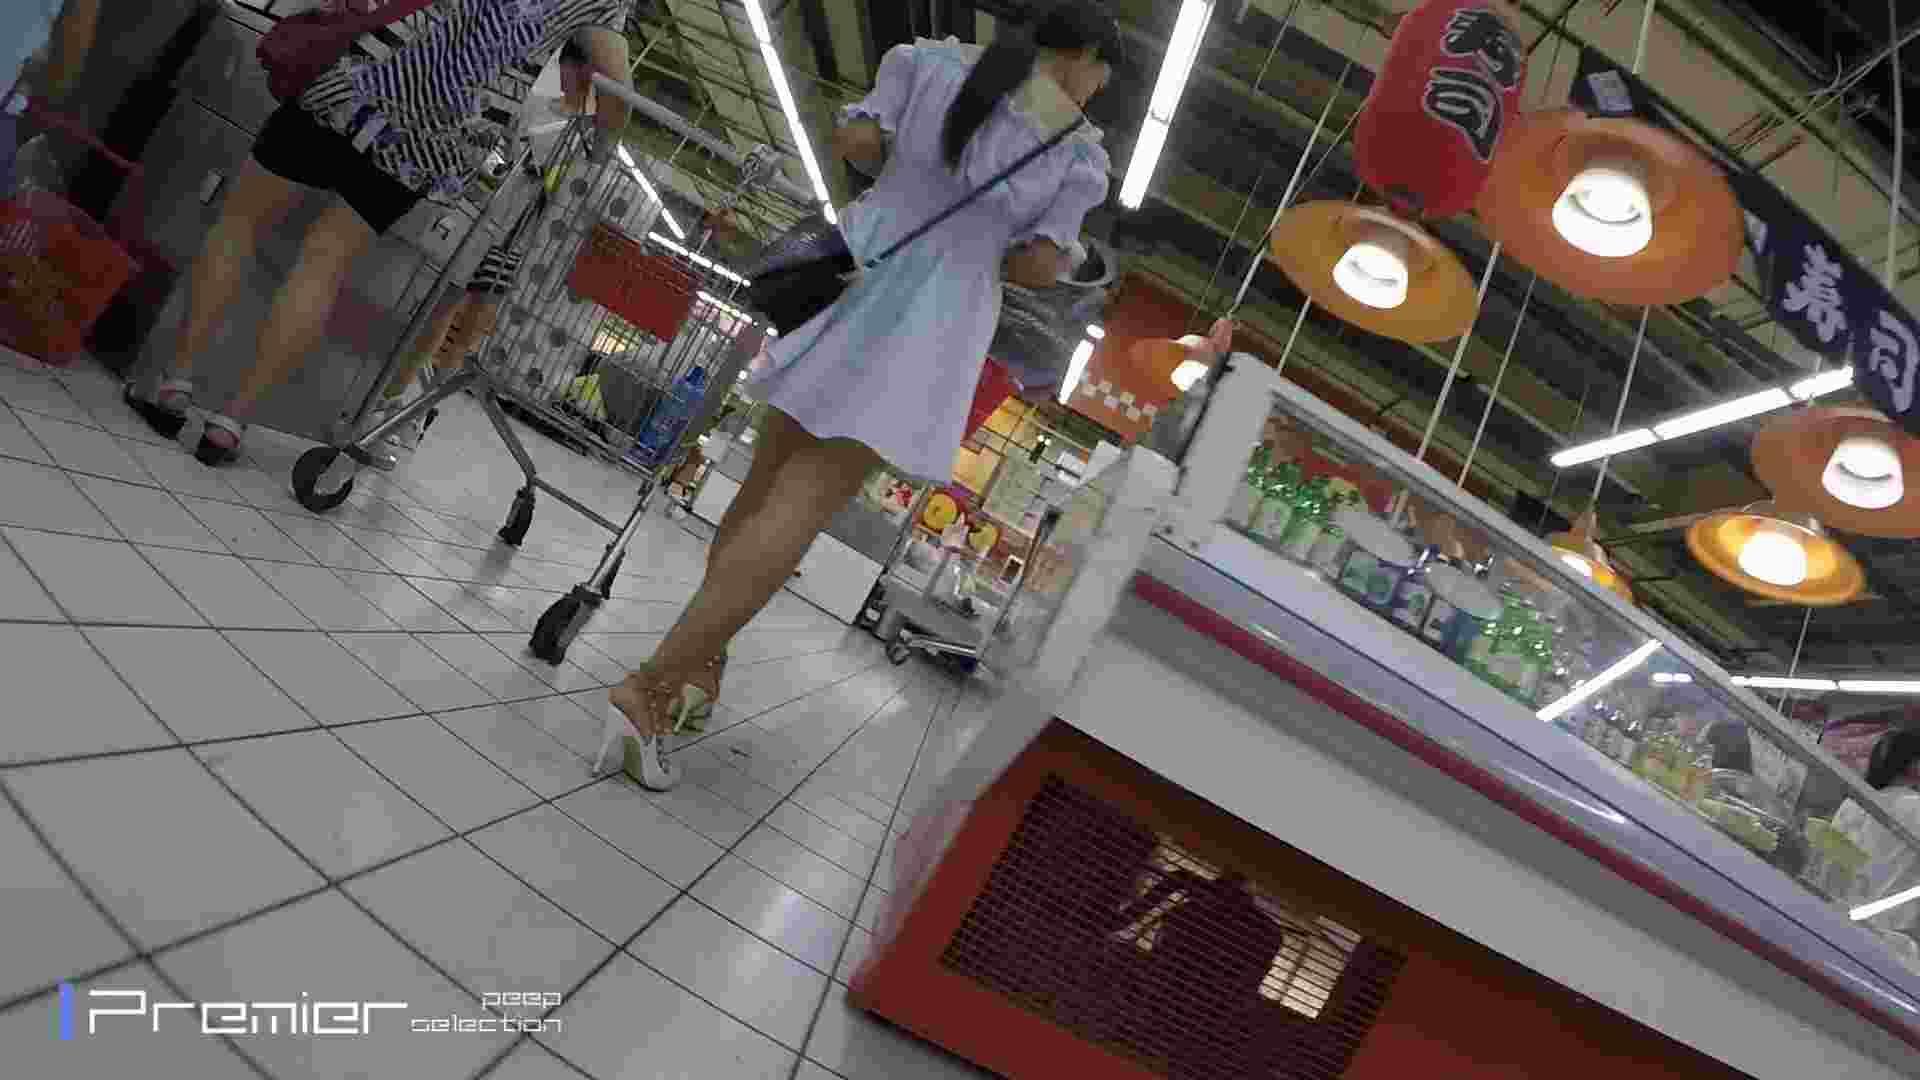 お嬢様風の乙女 食い込む黒パン 美女の下半身を粘着撮り! Vol.02 お姉さん攻略 | リベンジ  94画像 50